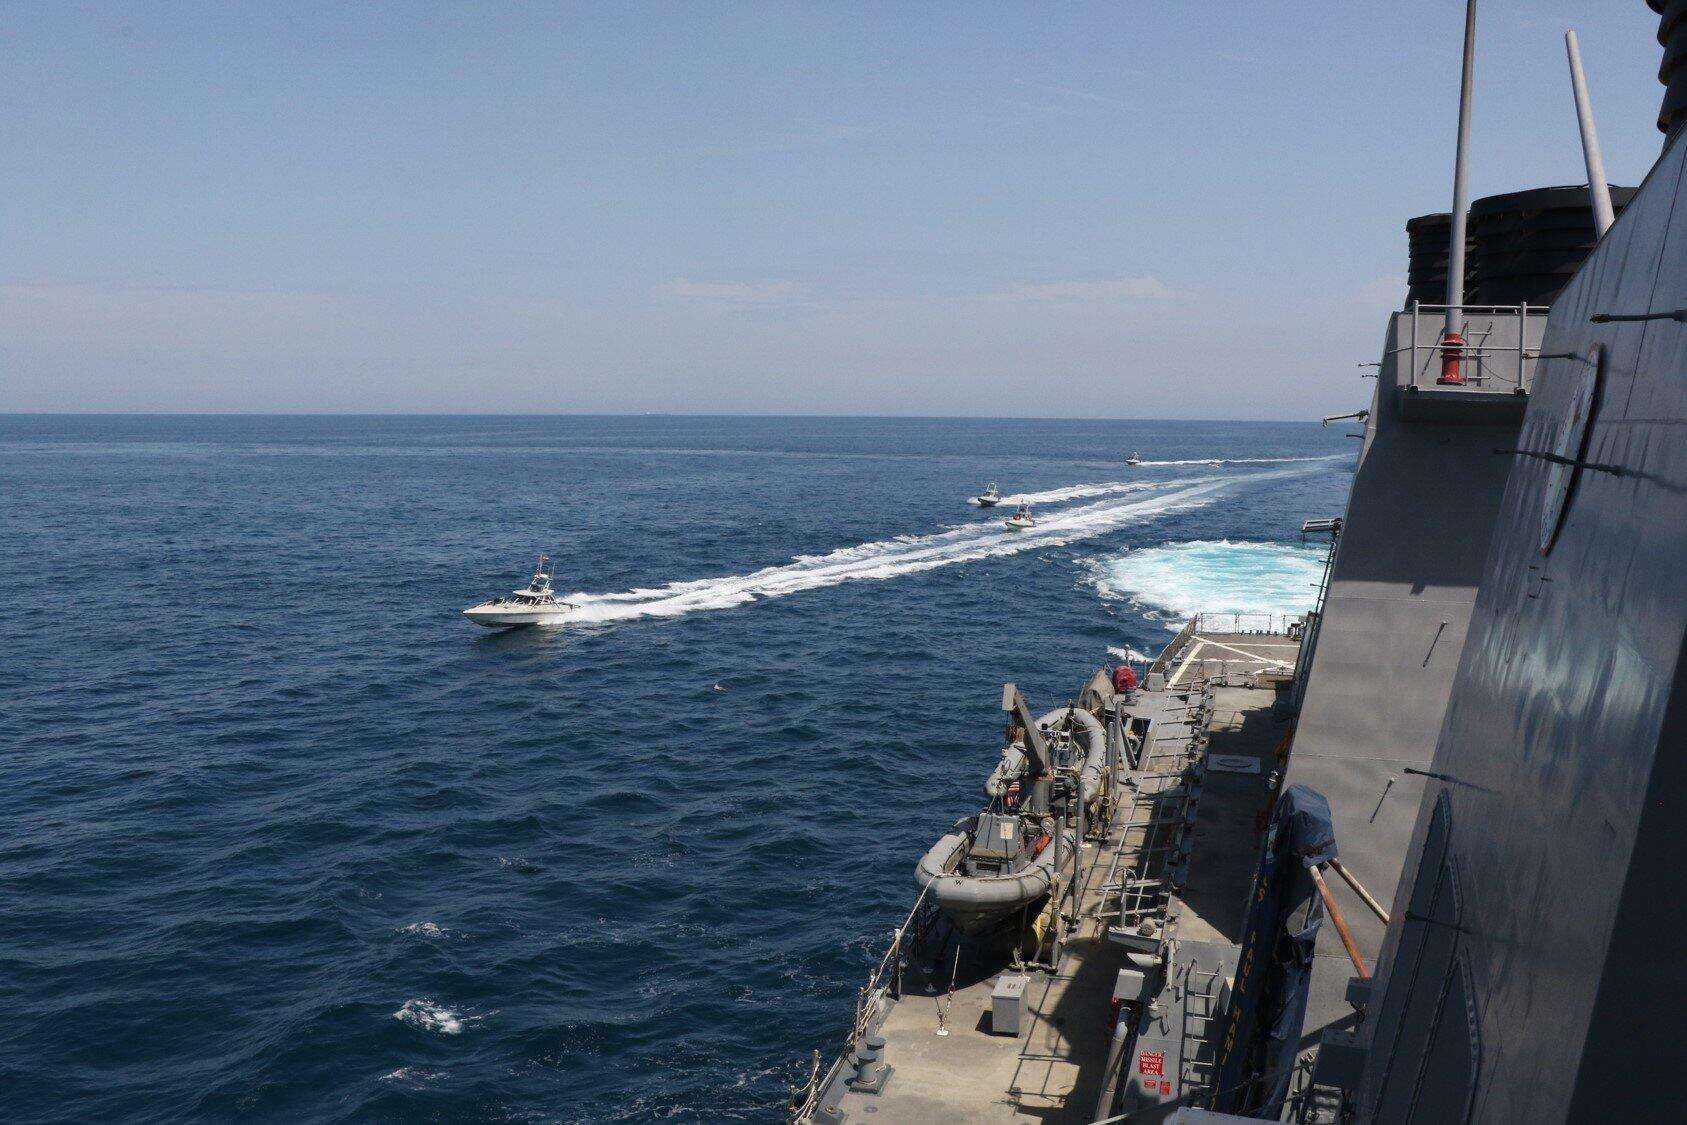 美国海军警告其他方船在波斯湾不要靠近美军舰 否则击沉